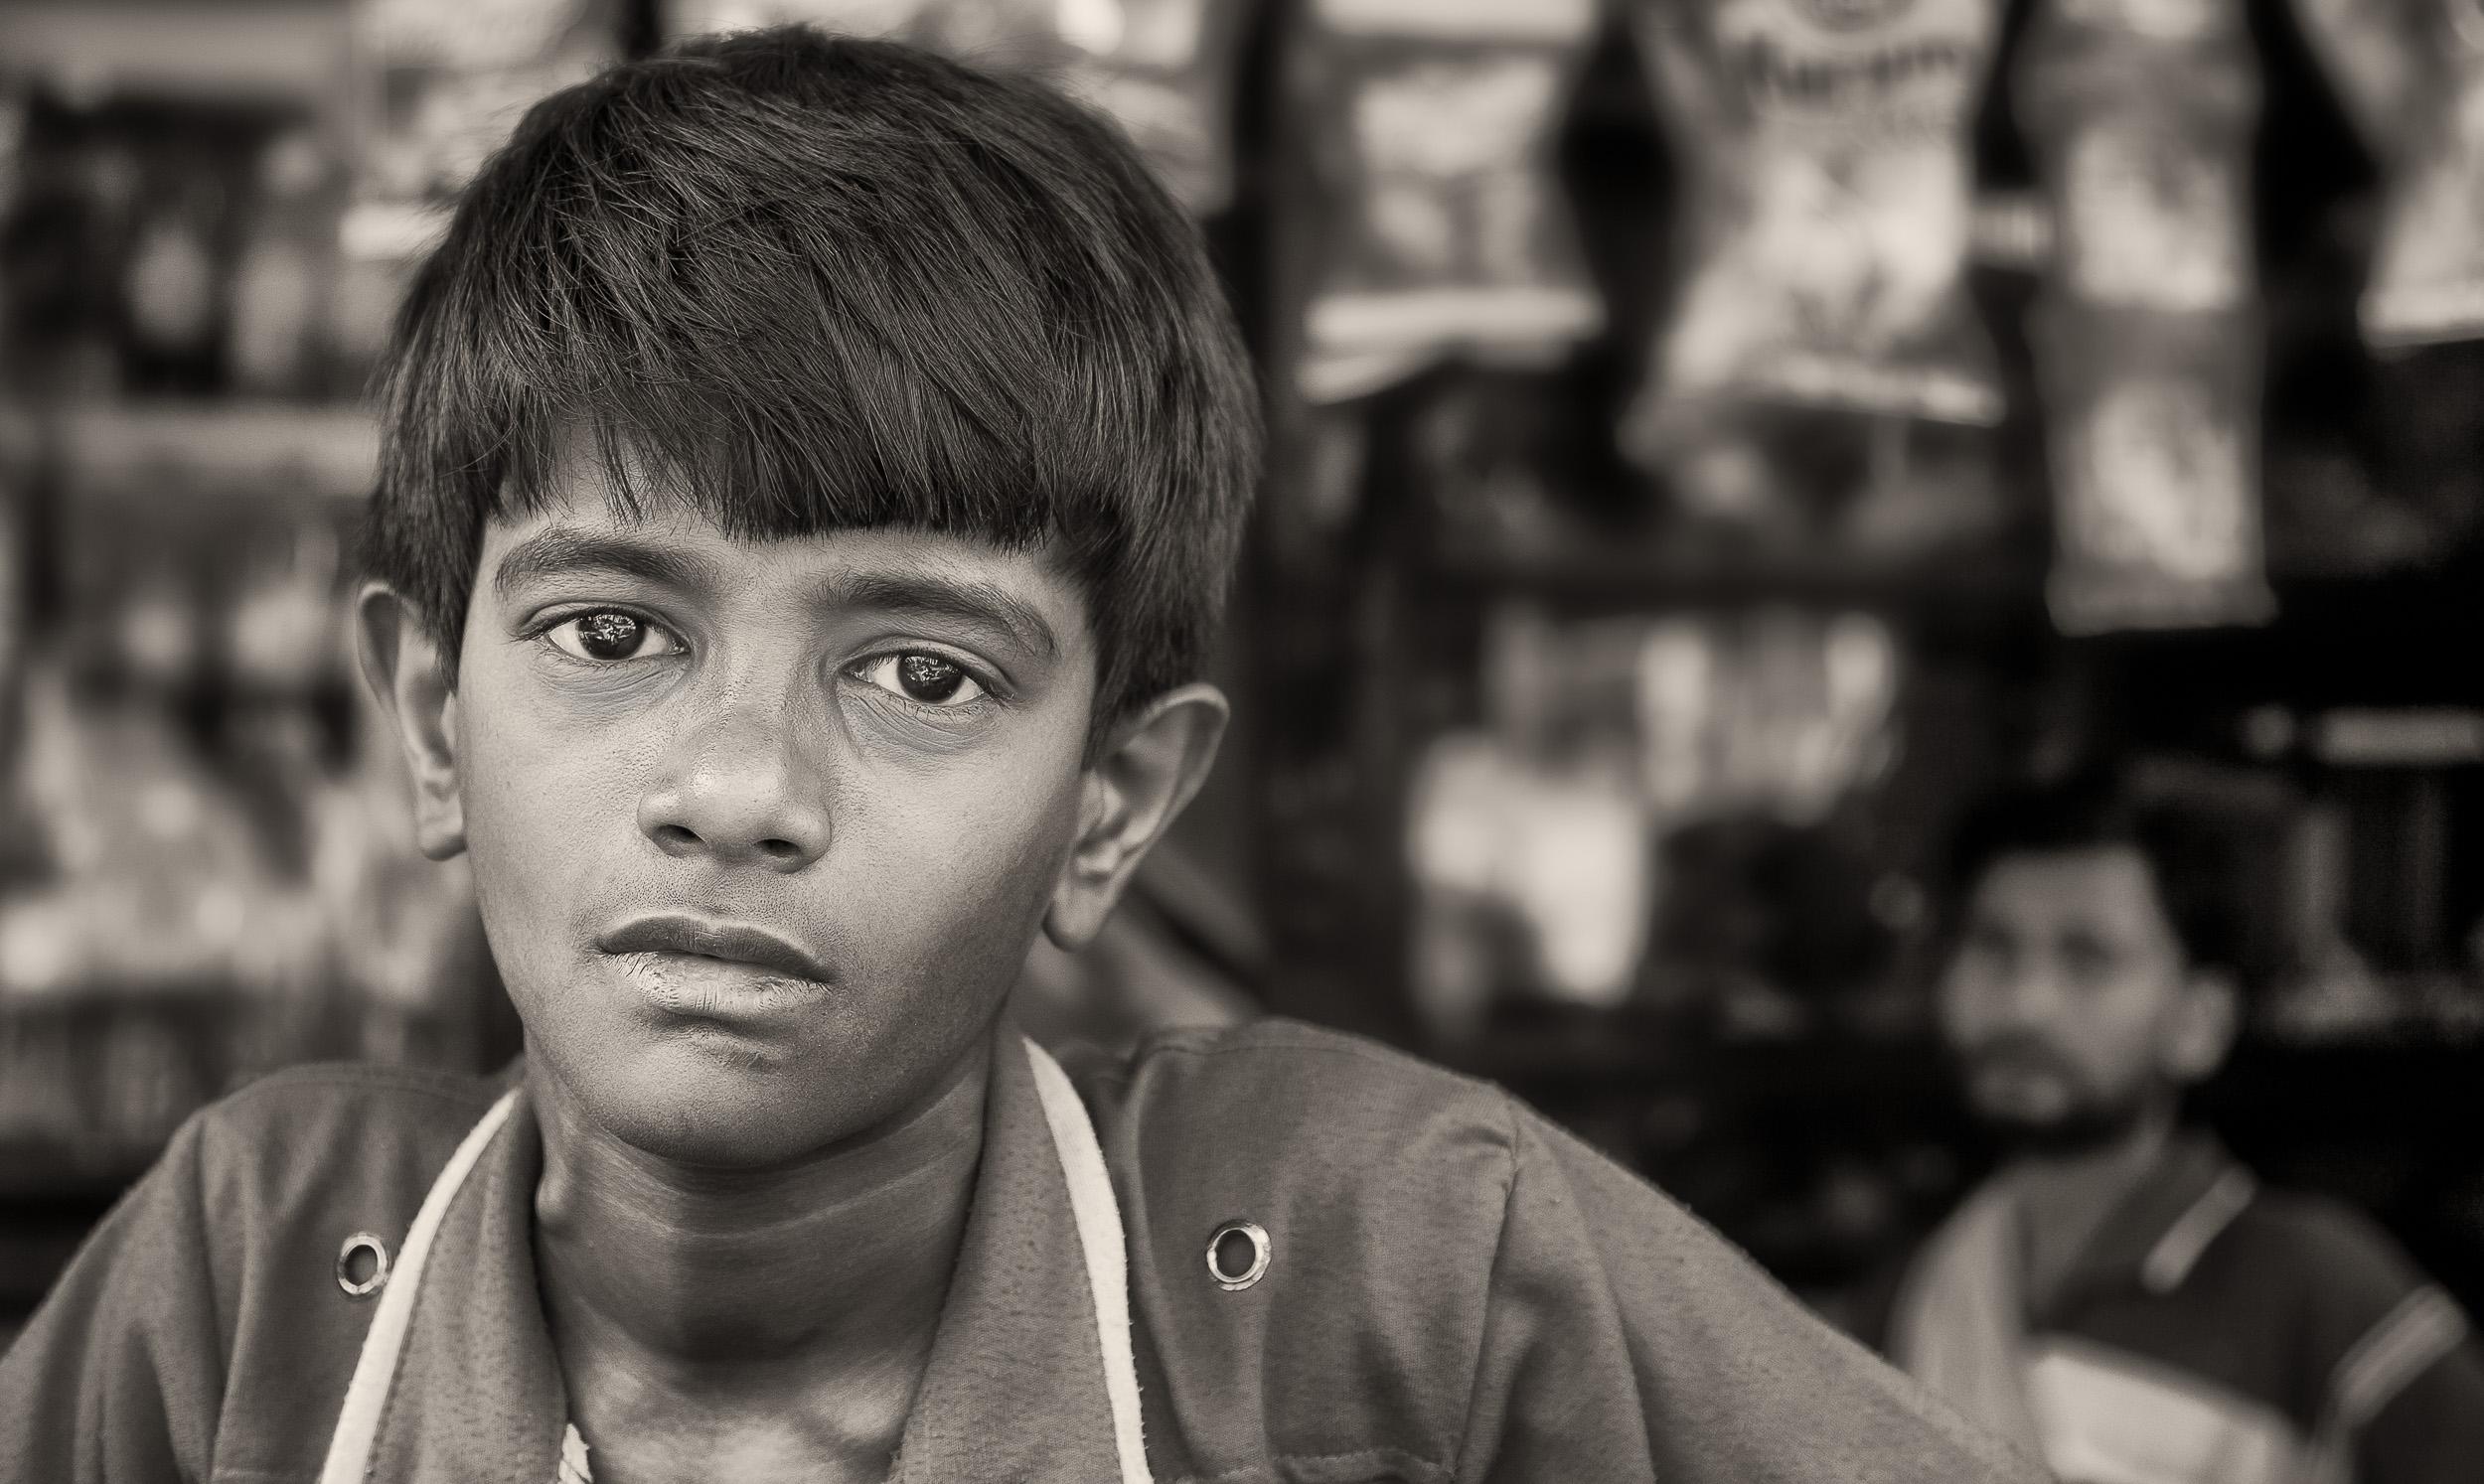 Father and Son, Kolkata, India